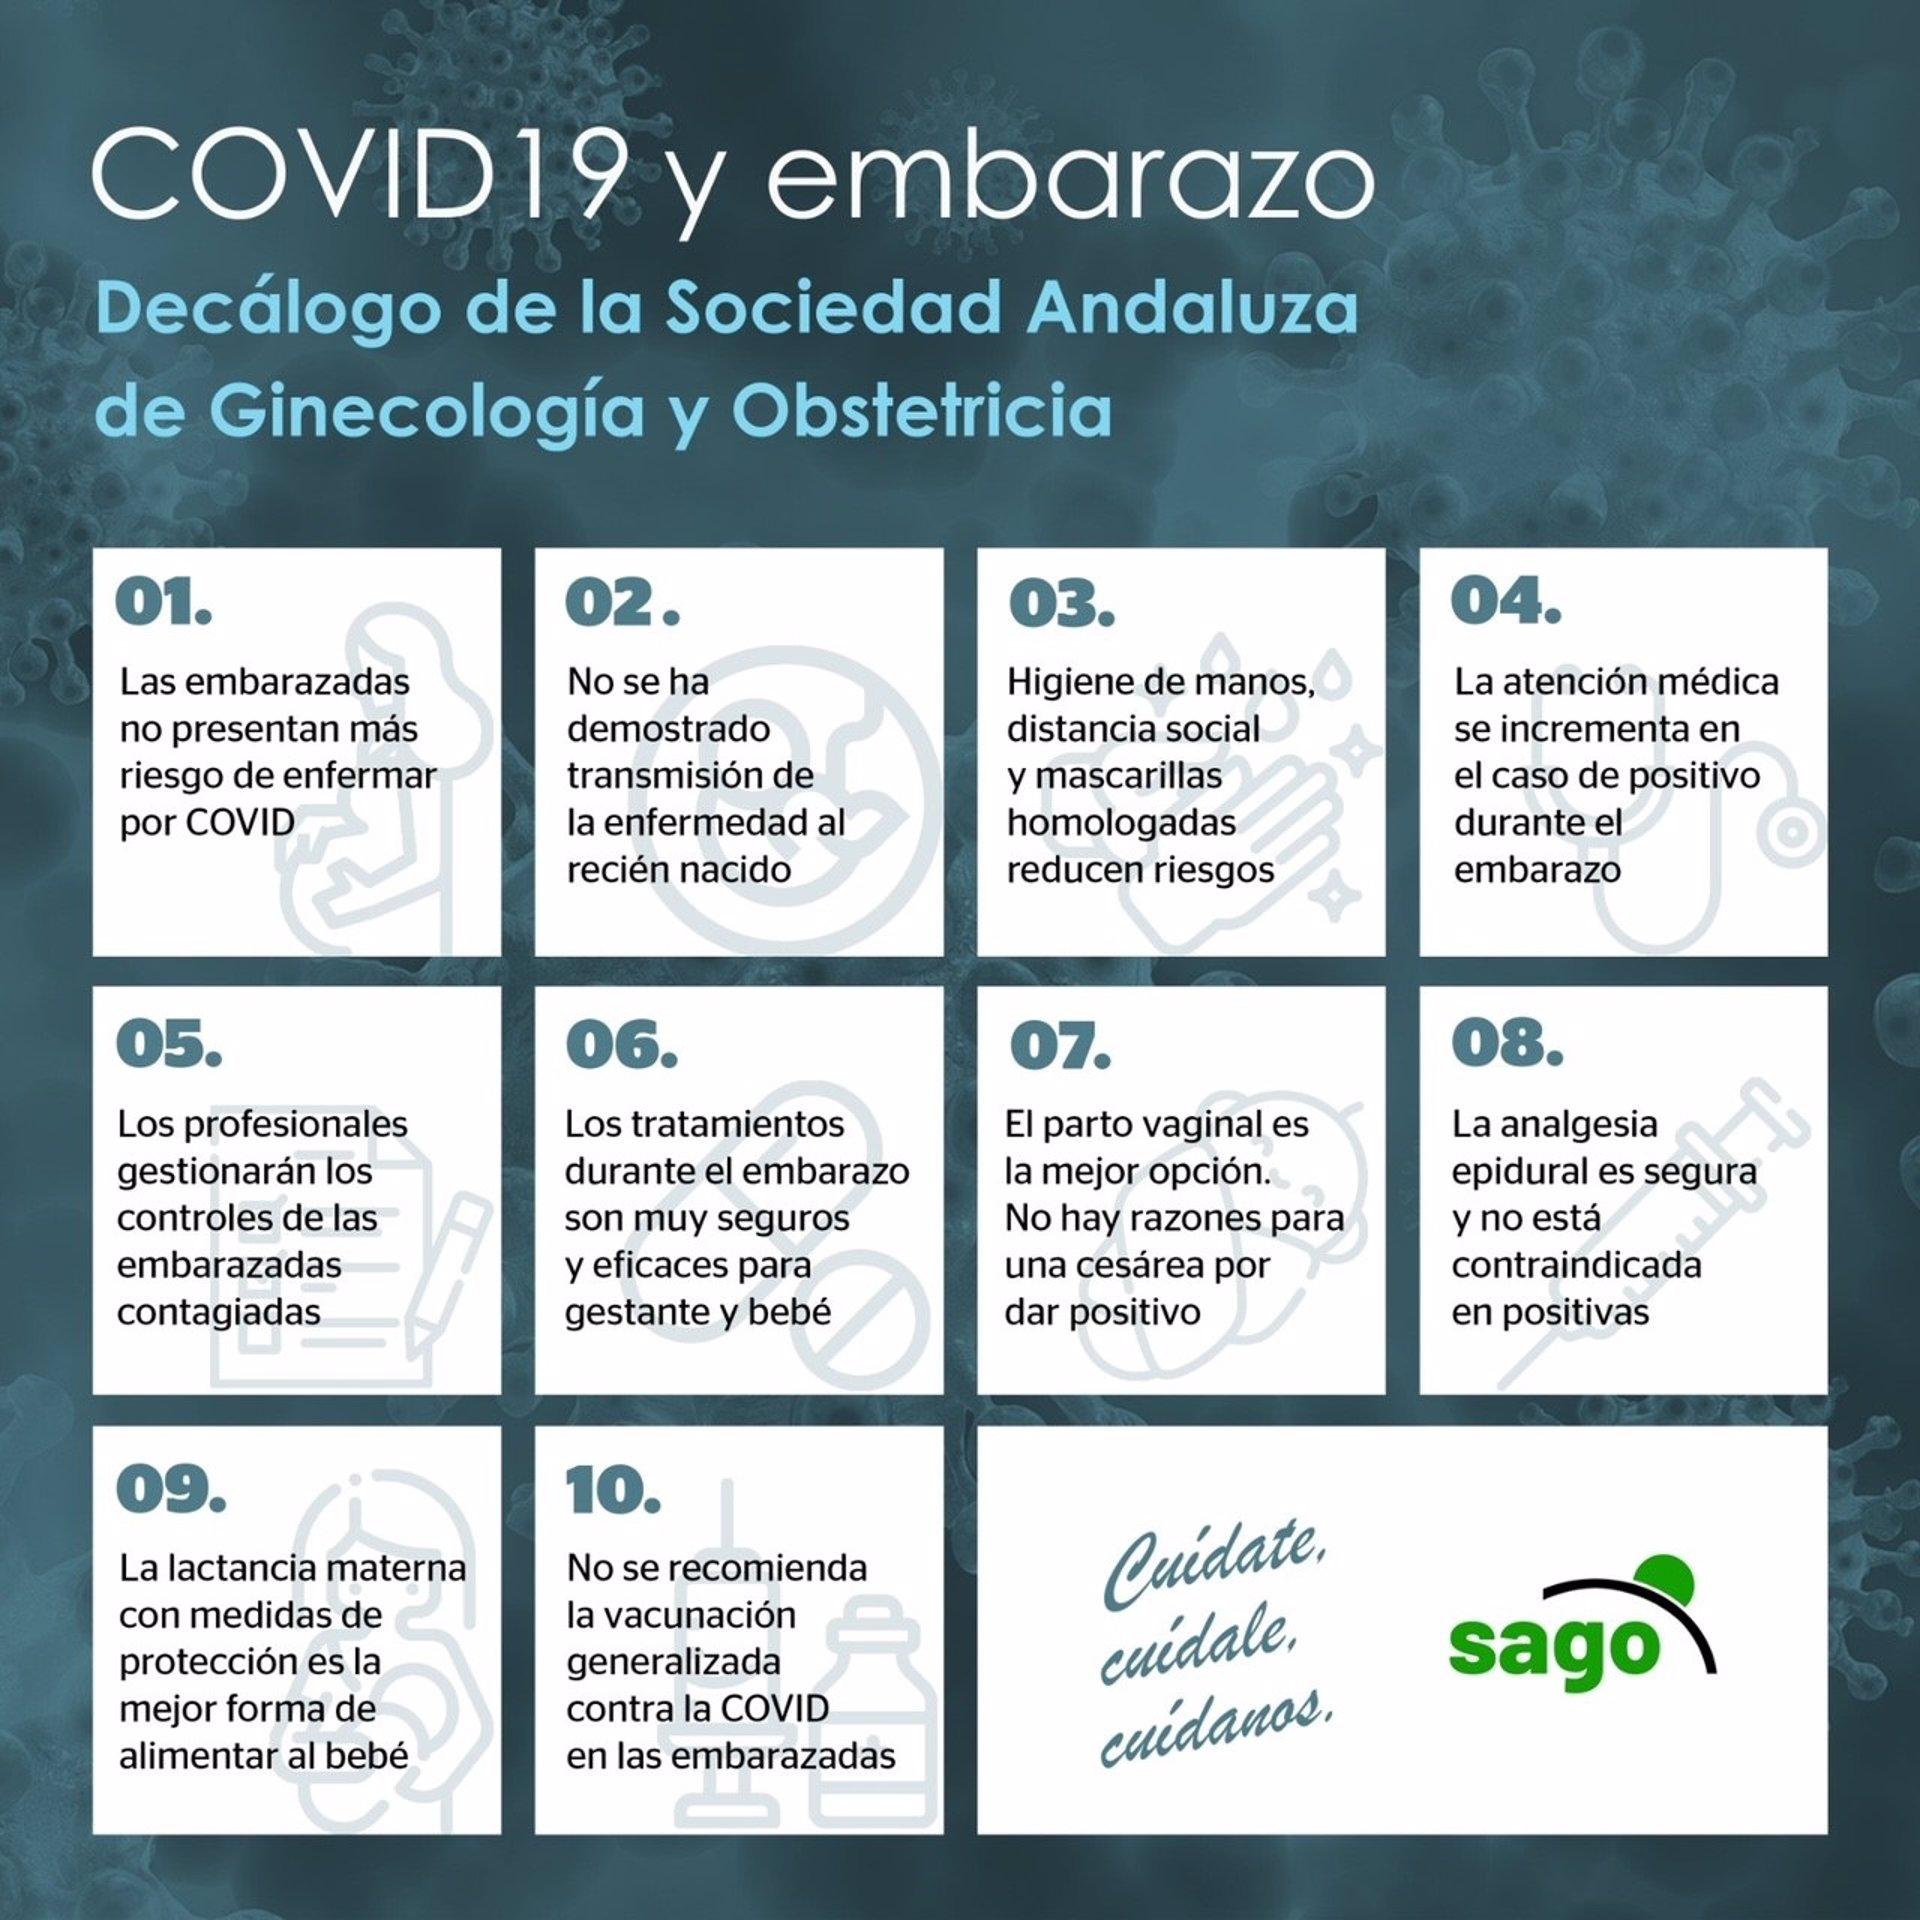 Ginecólogos y obstetras publican un decálogo de recomendaciones sobre embarazo y Covid